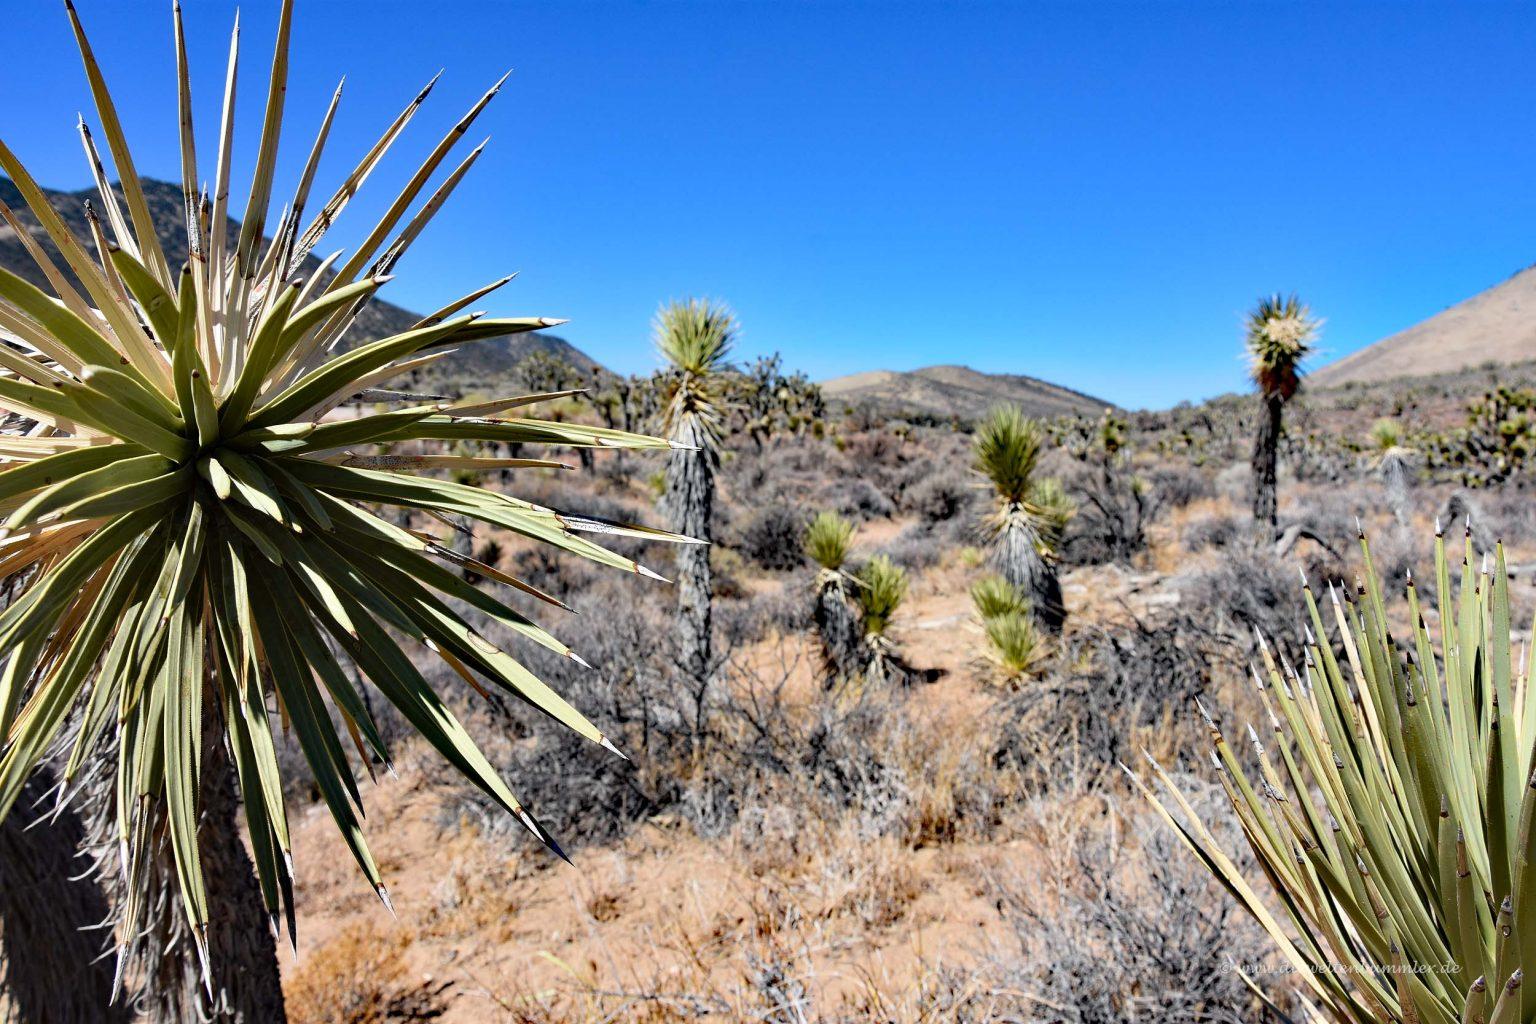 Joshua-Bäume in der Wüste